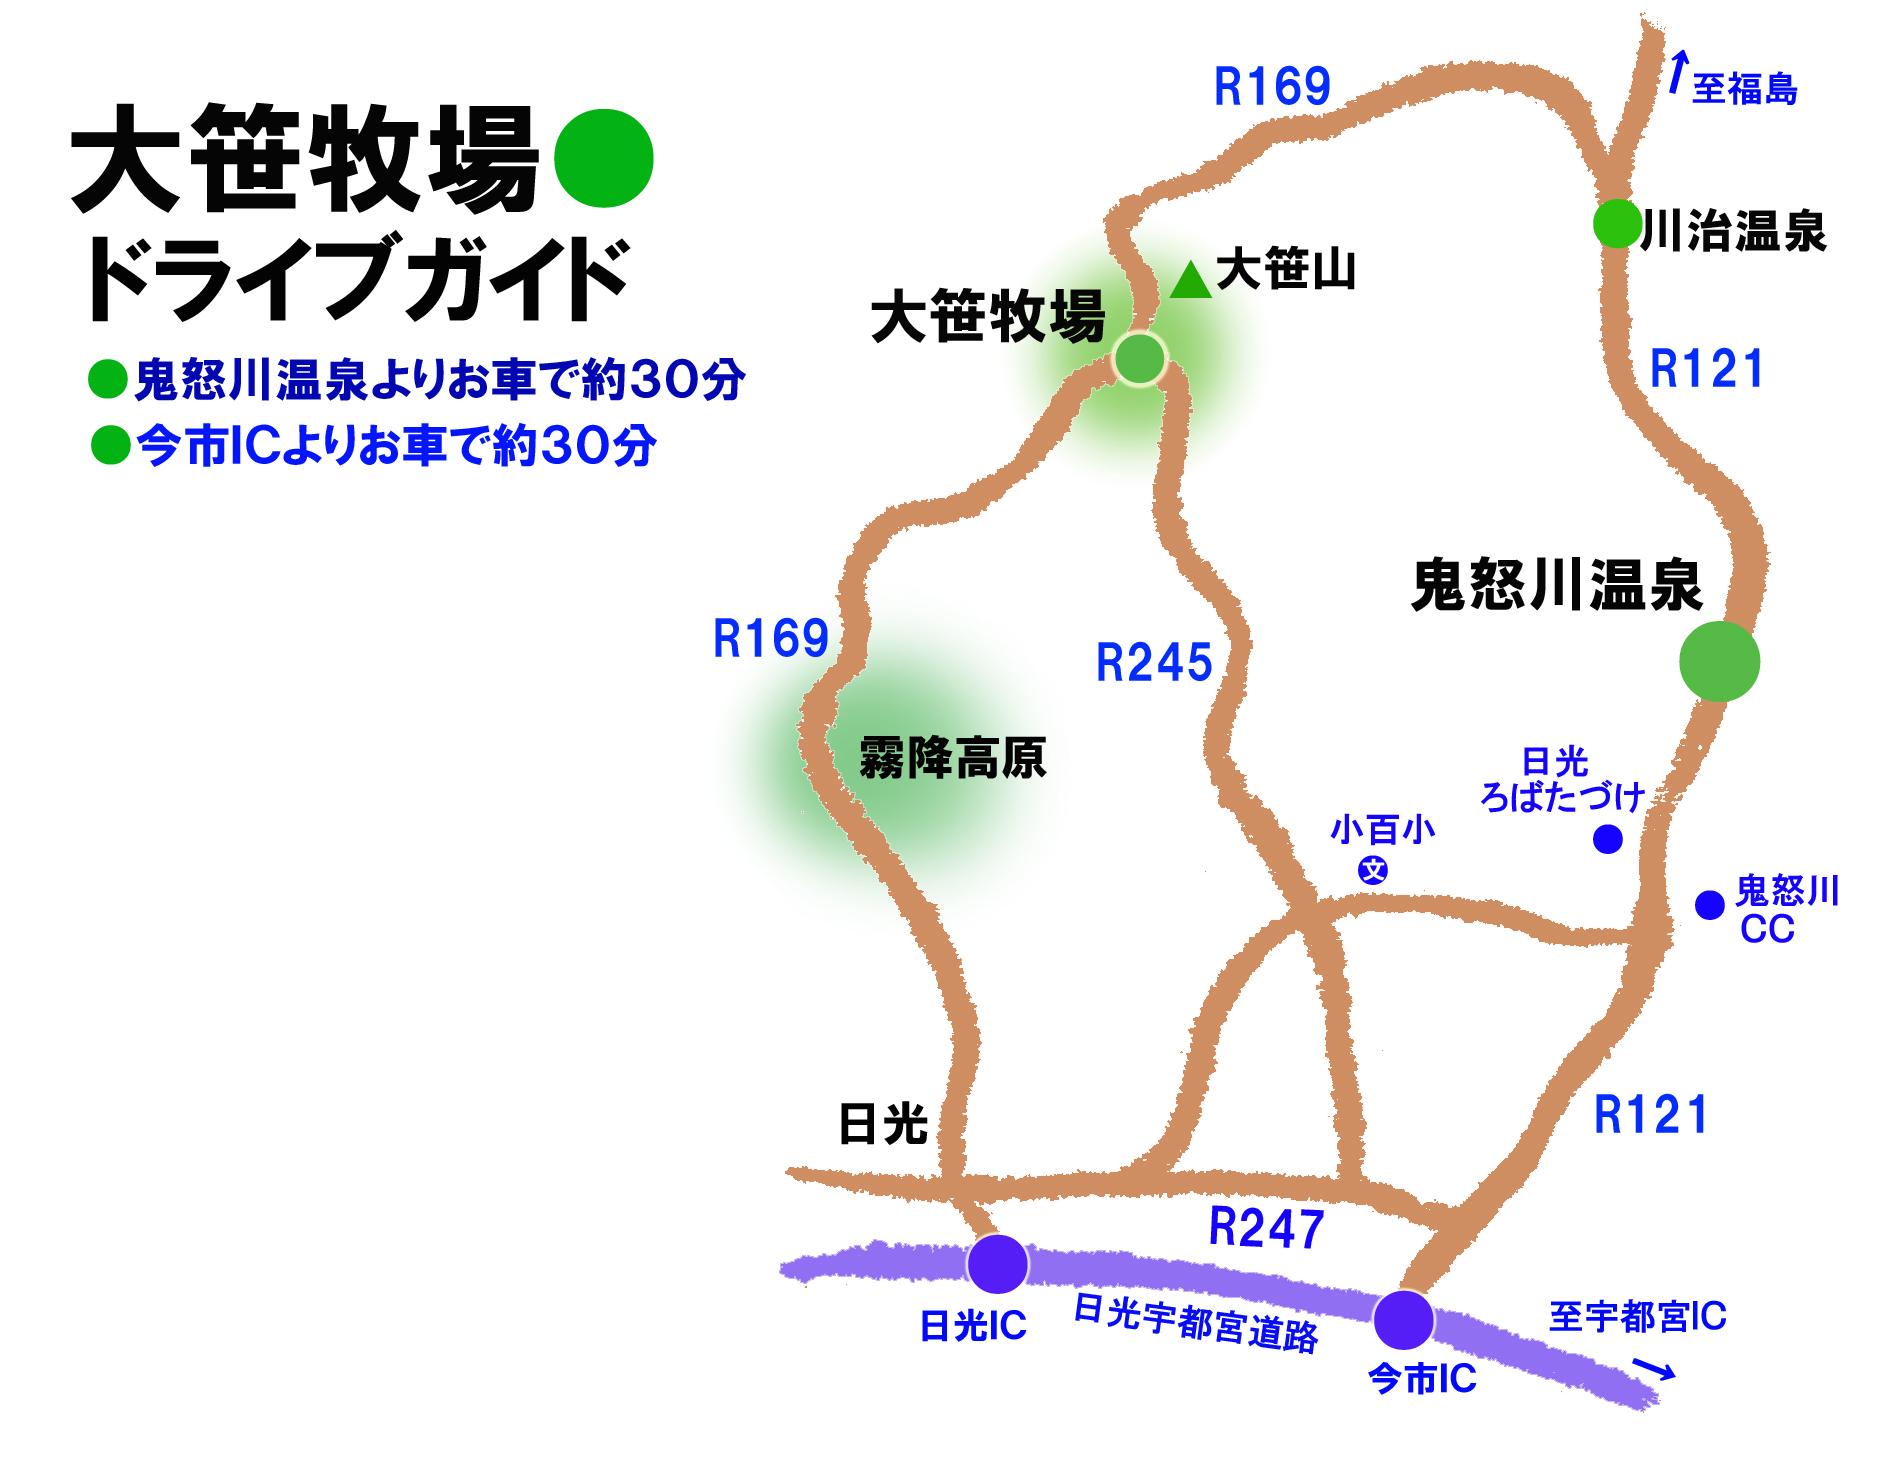 大笹牧場 地図 画像.jpg